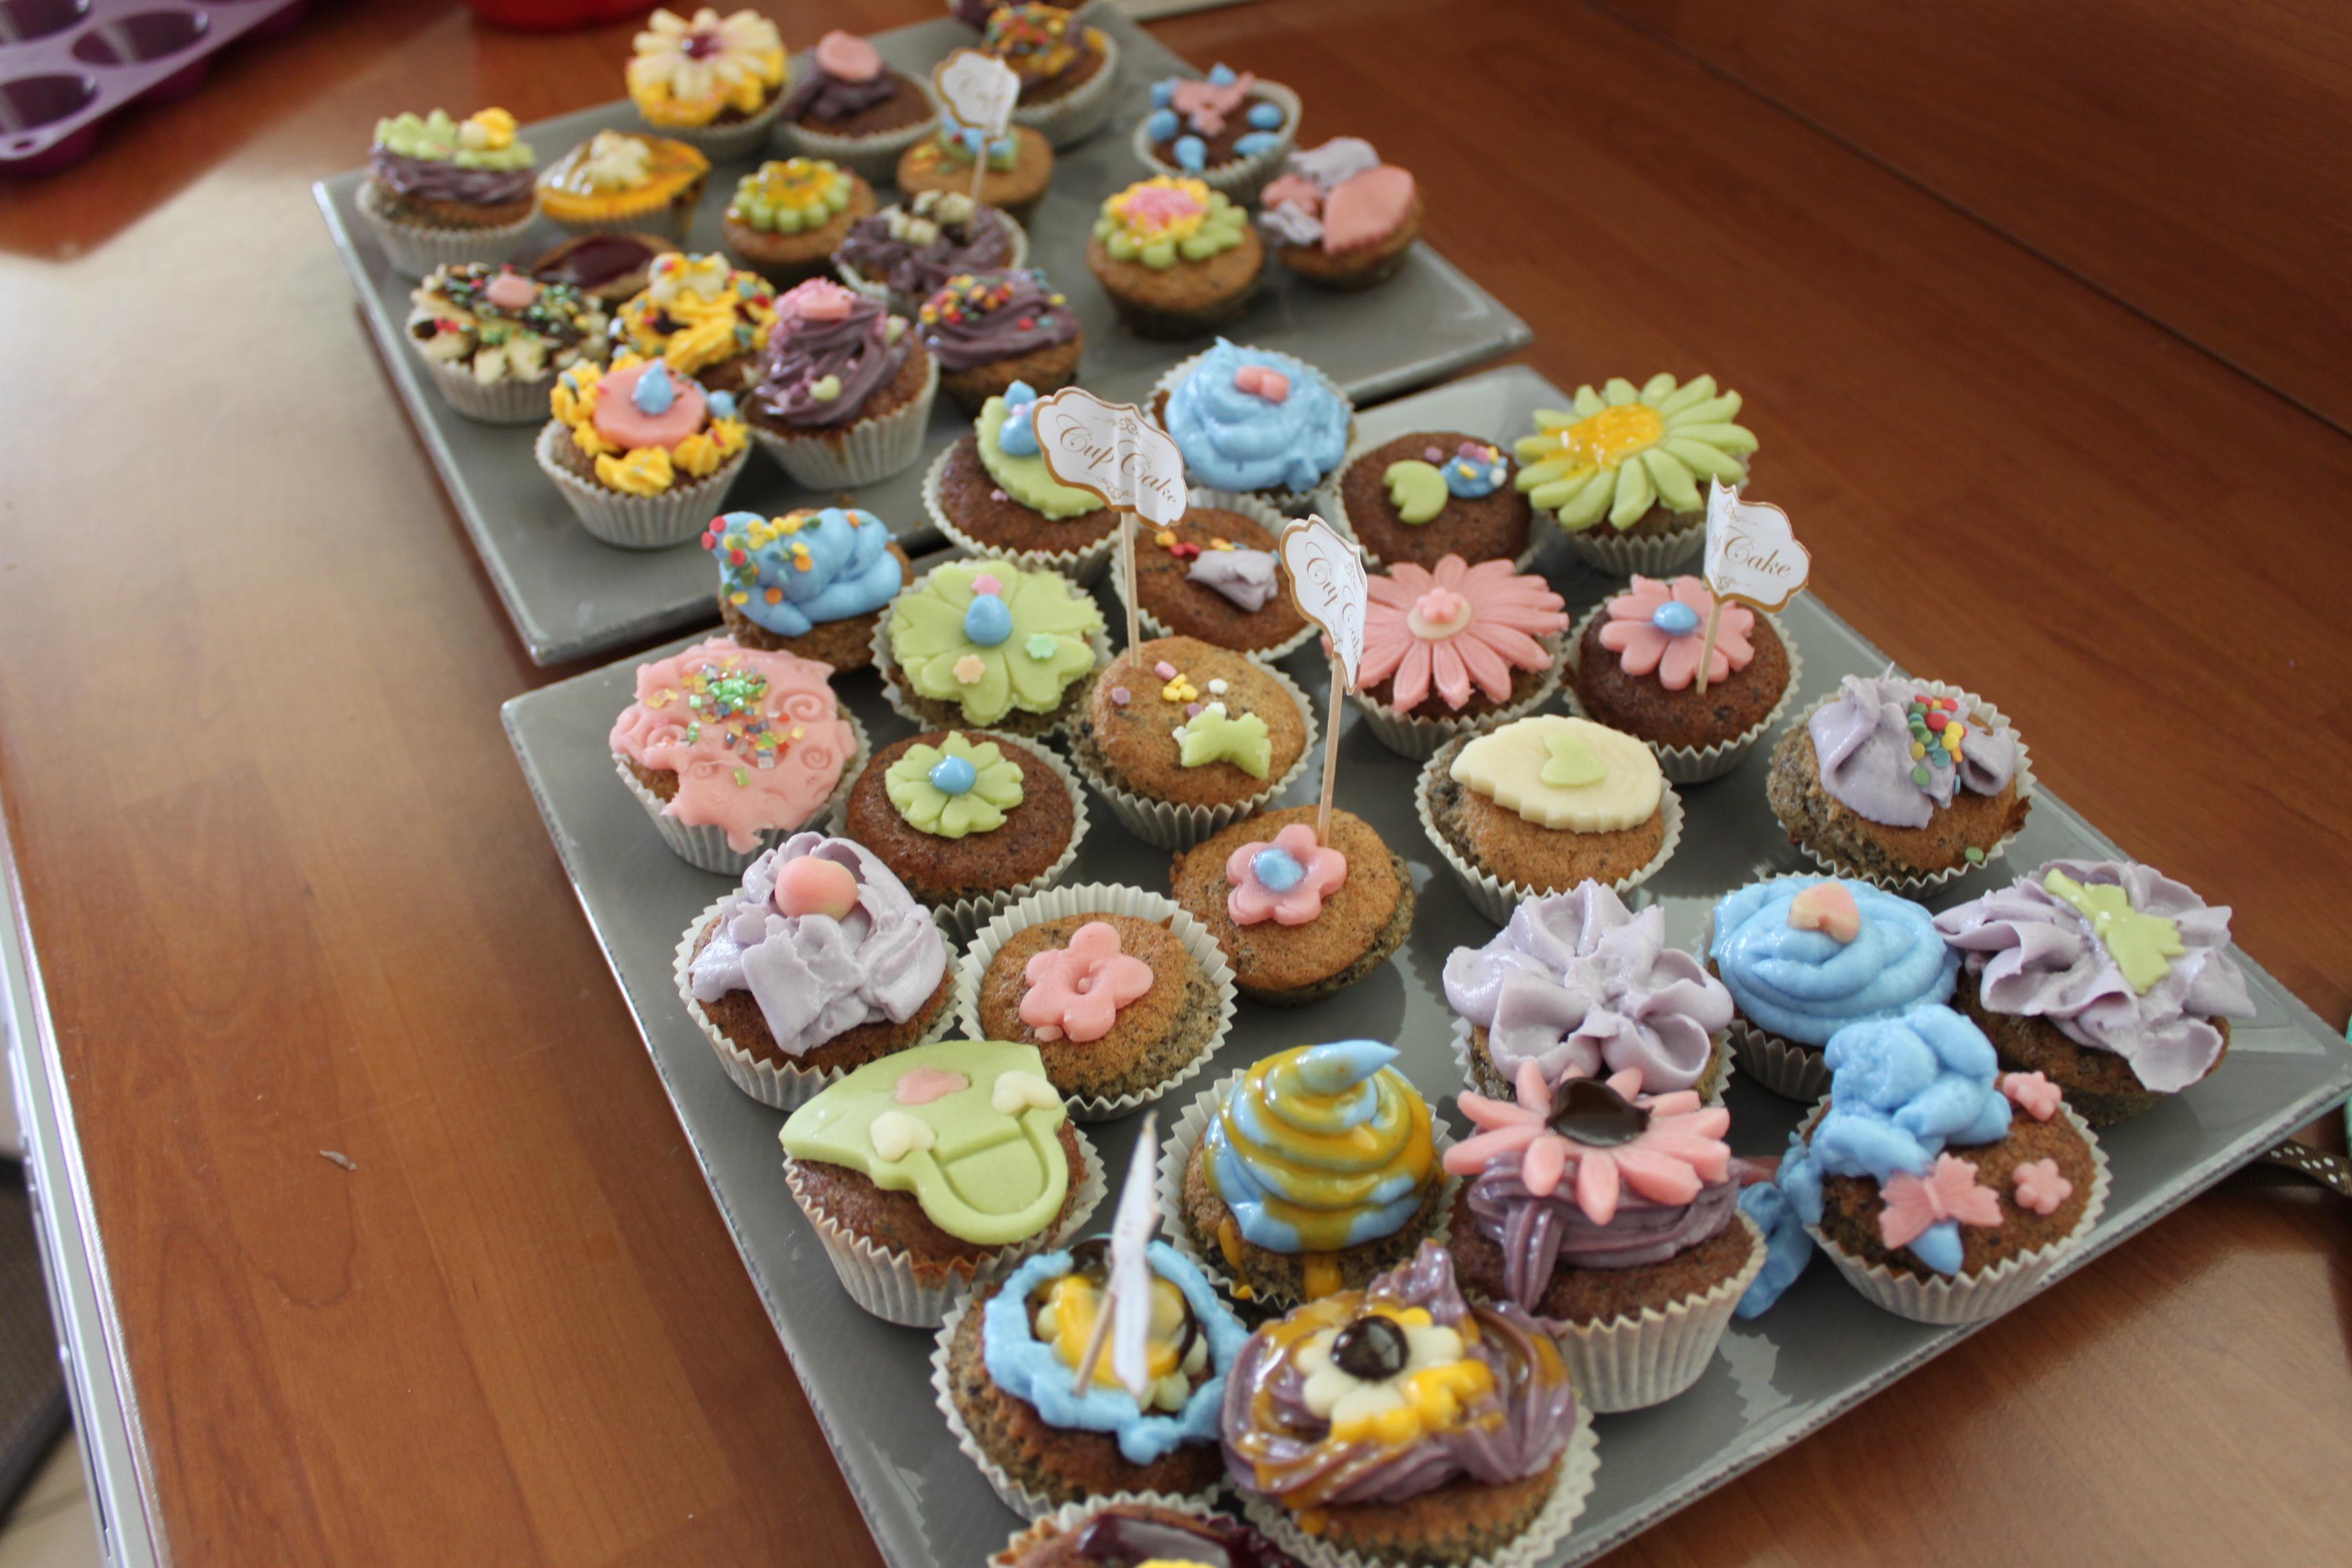 L atelier cupcakes pour l anniversaire d esther la fabricamania - Decoration cupcake anniversaire ...